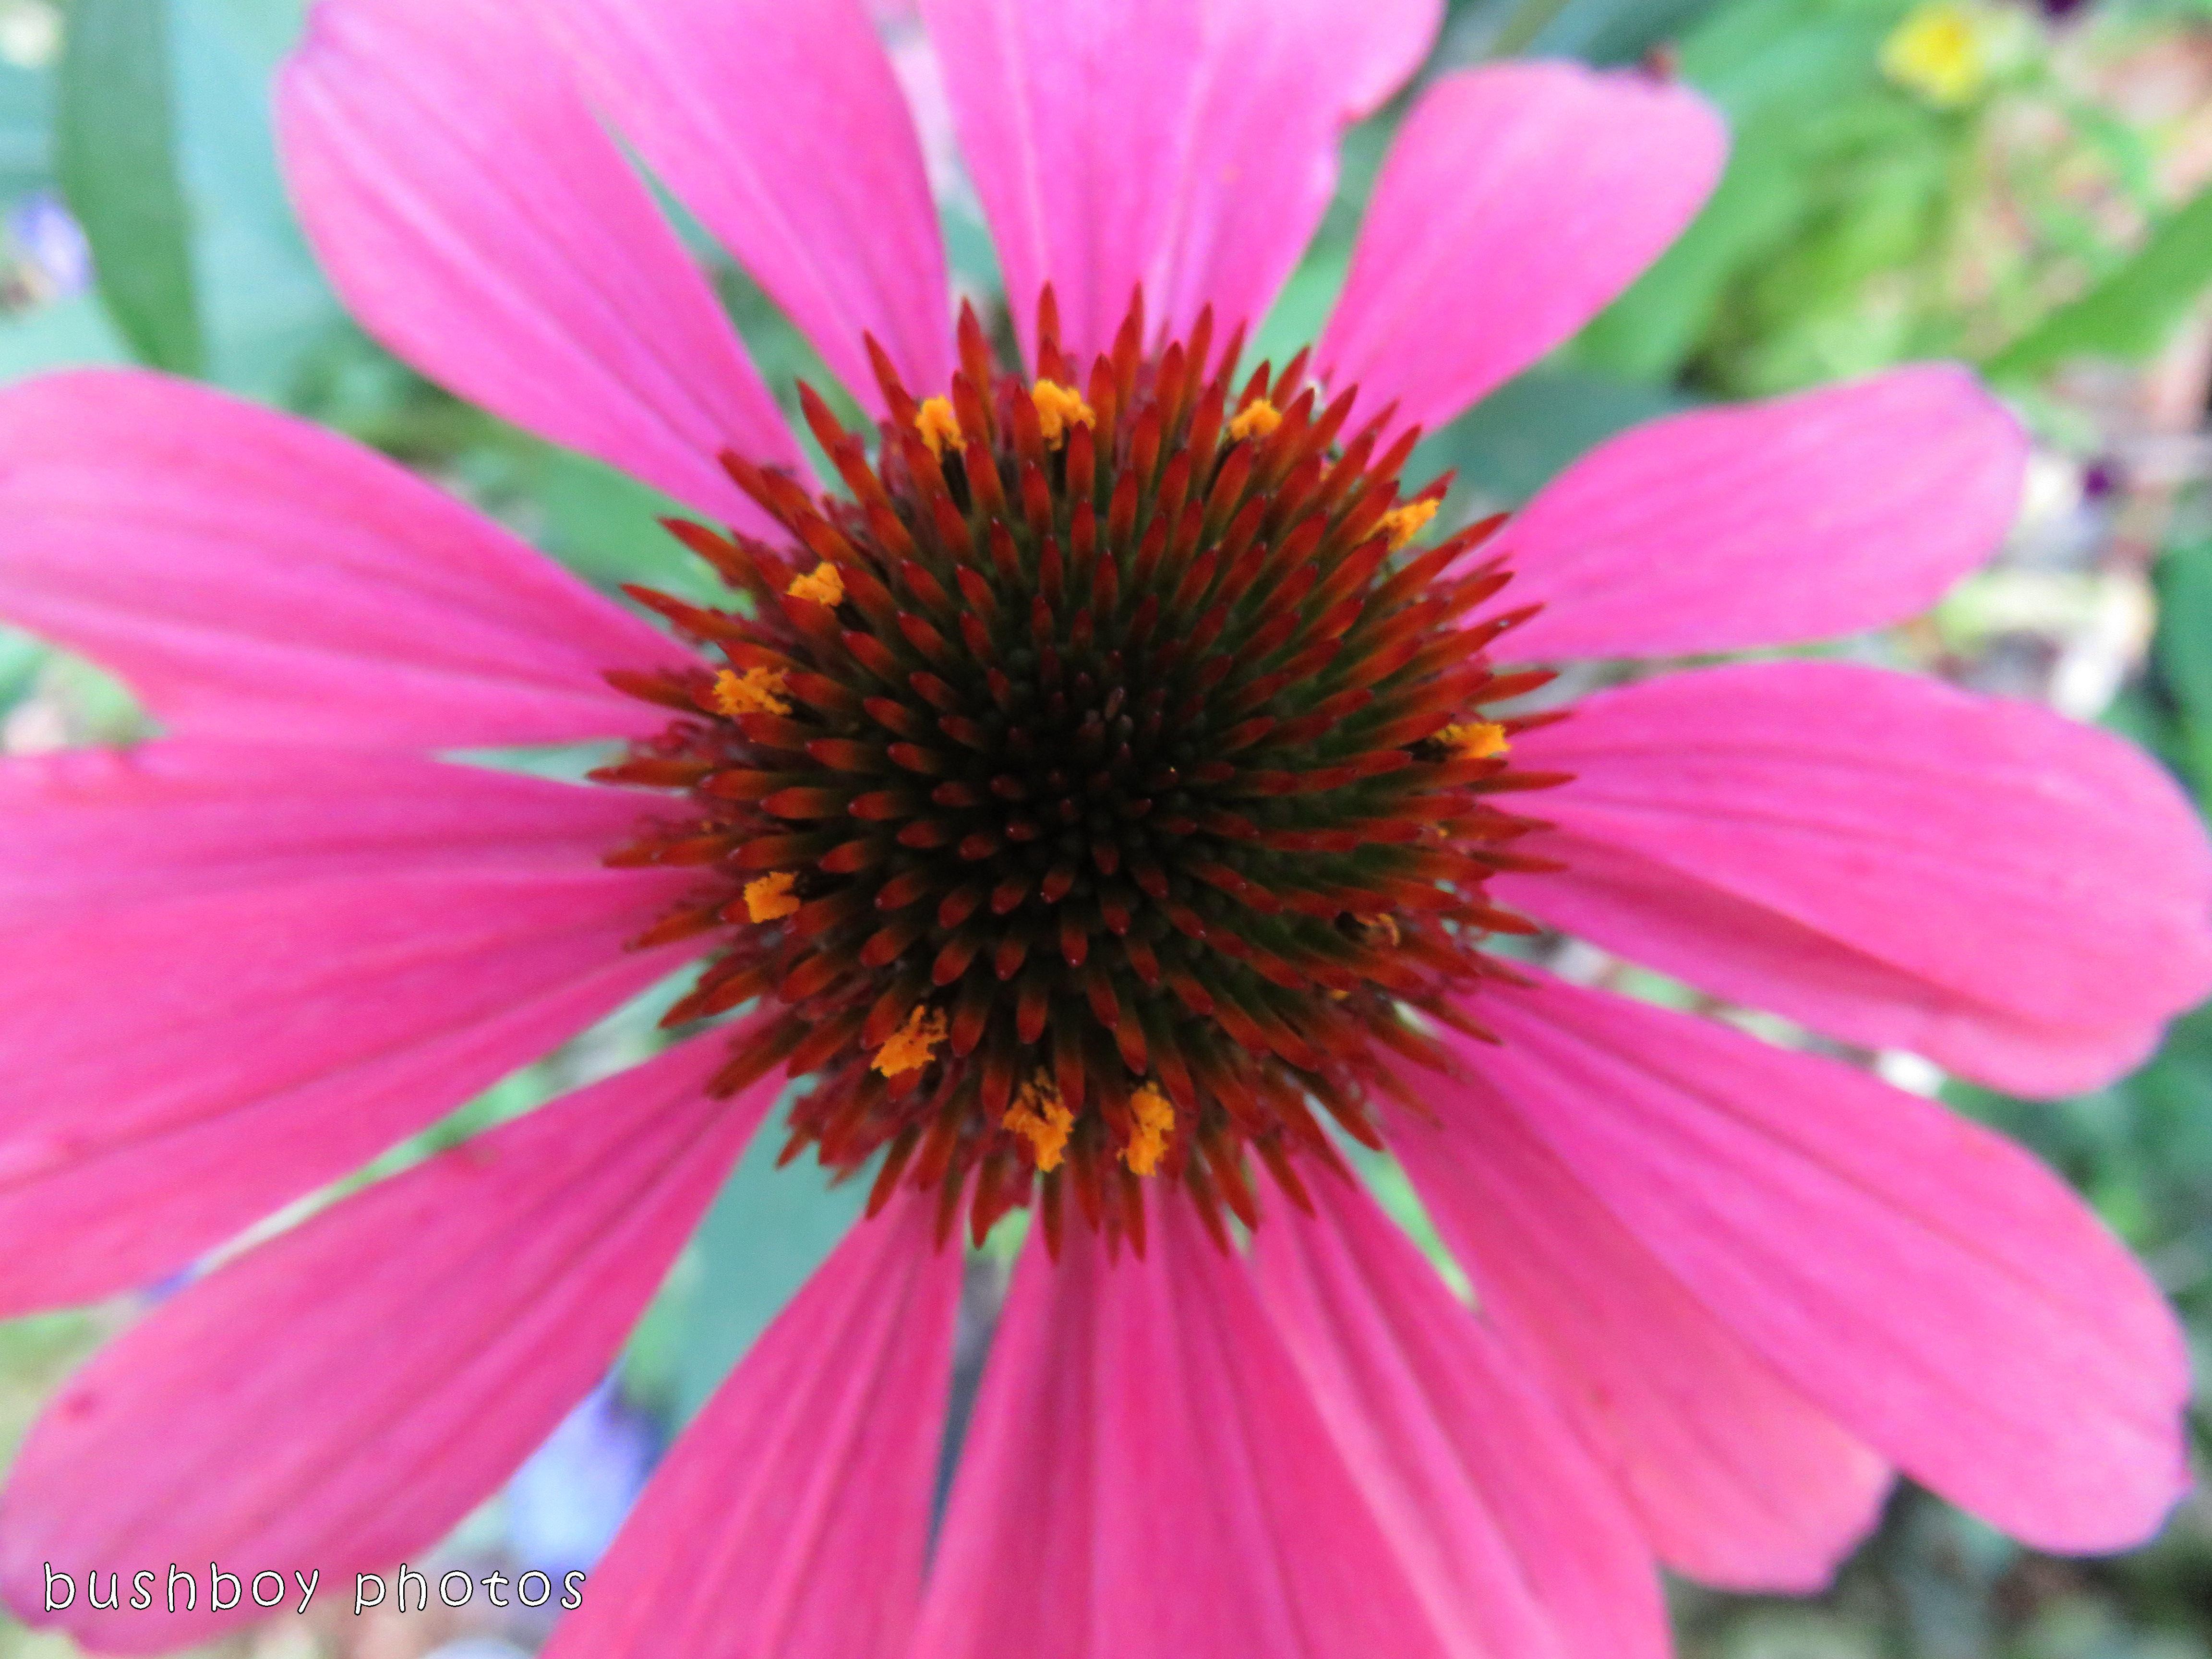 171117_experimental_flower_original